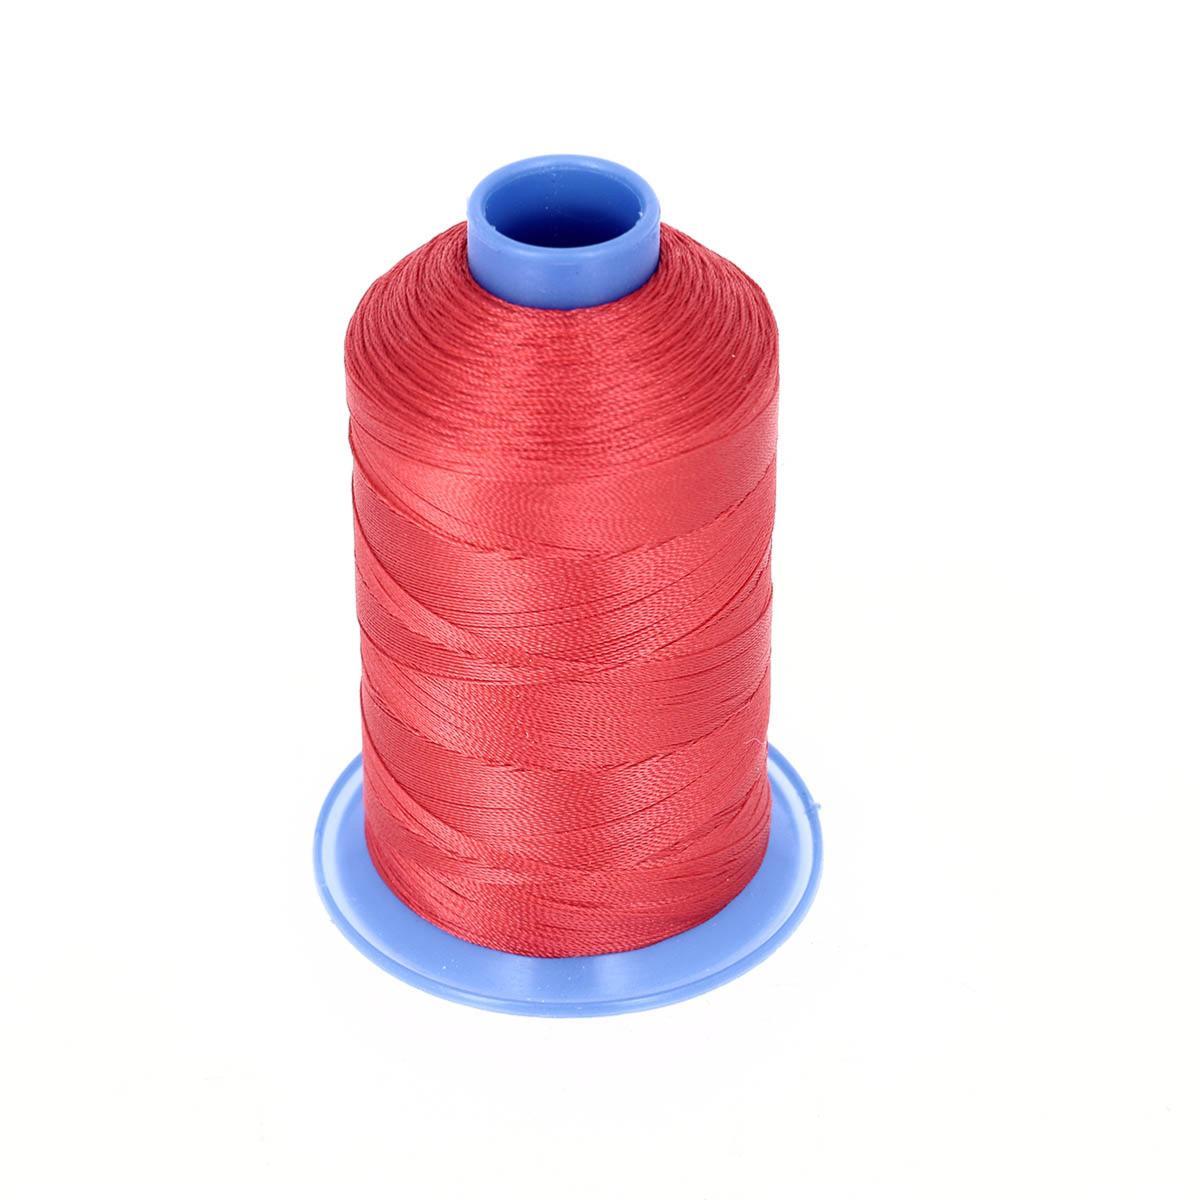 Bobine de fil polyester retors N° 60 - 700 mètres